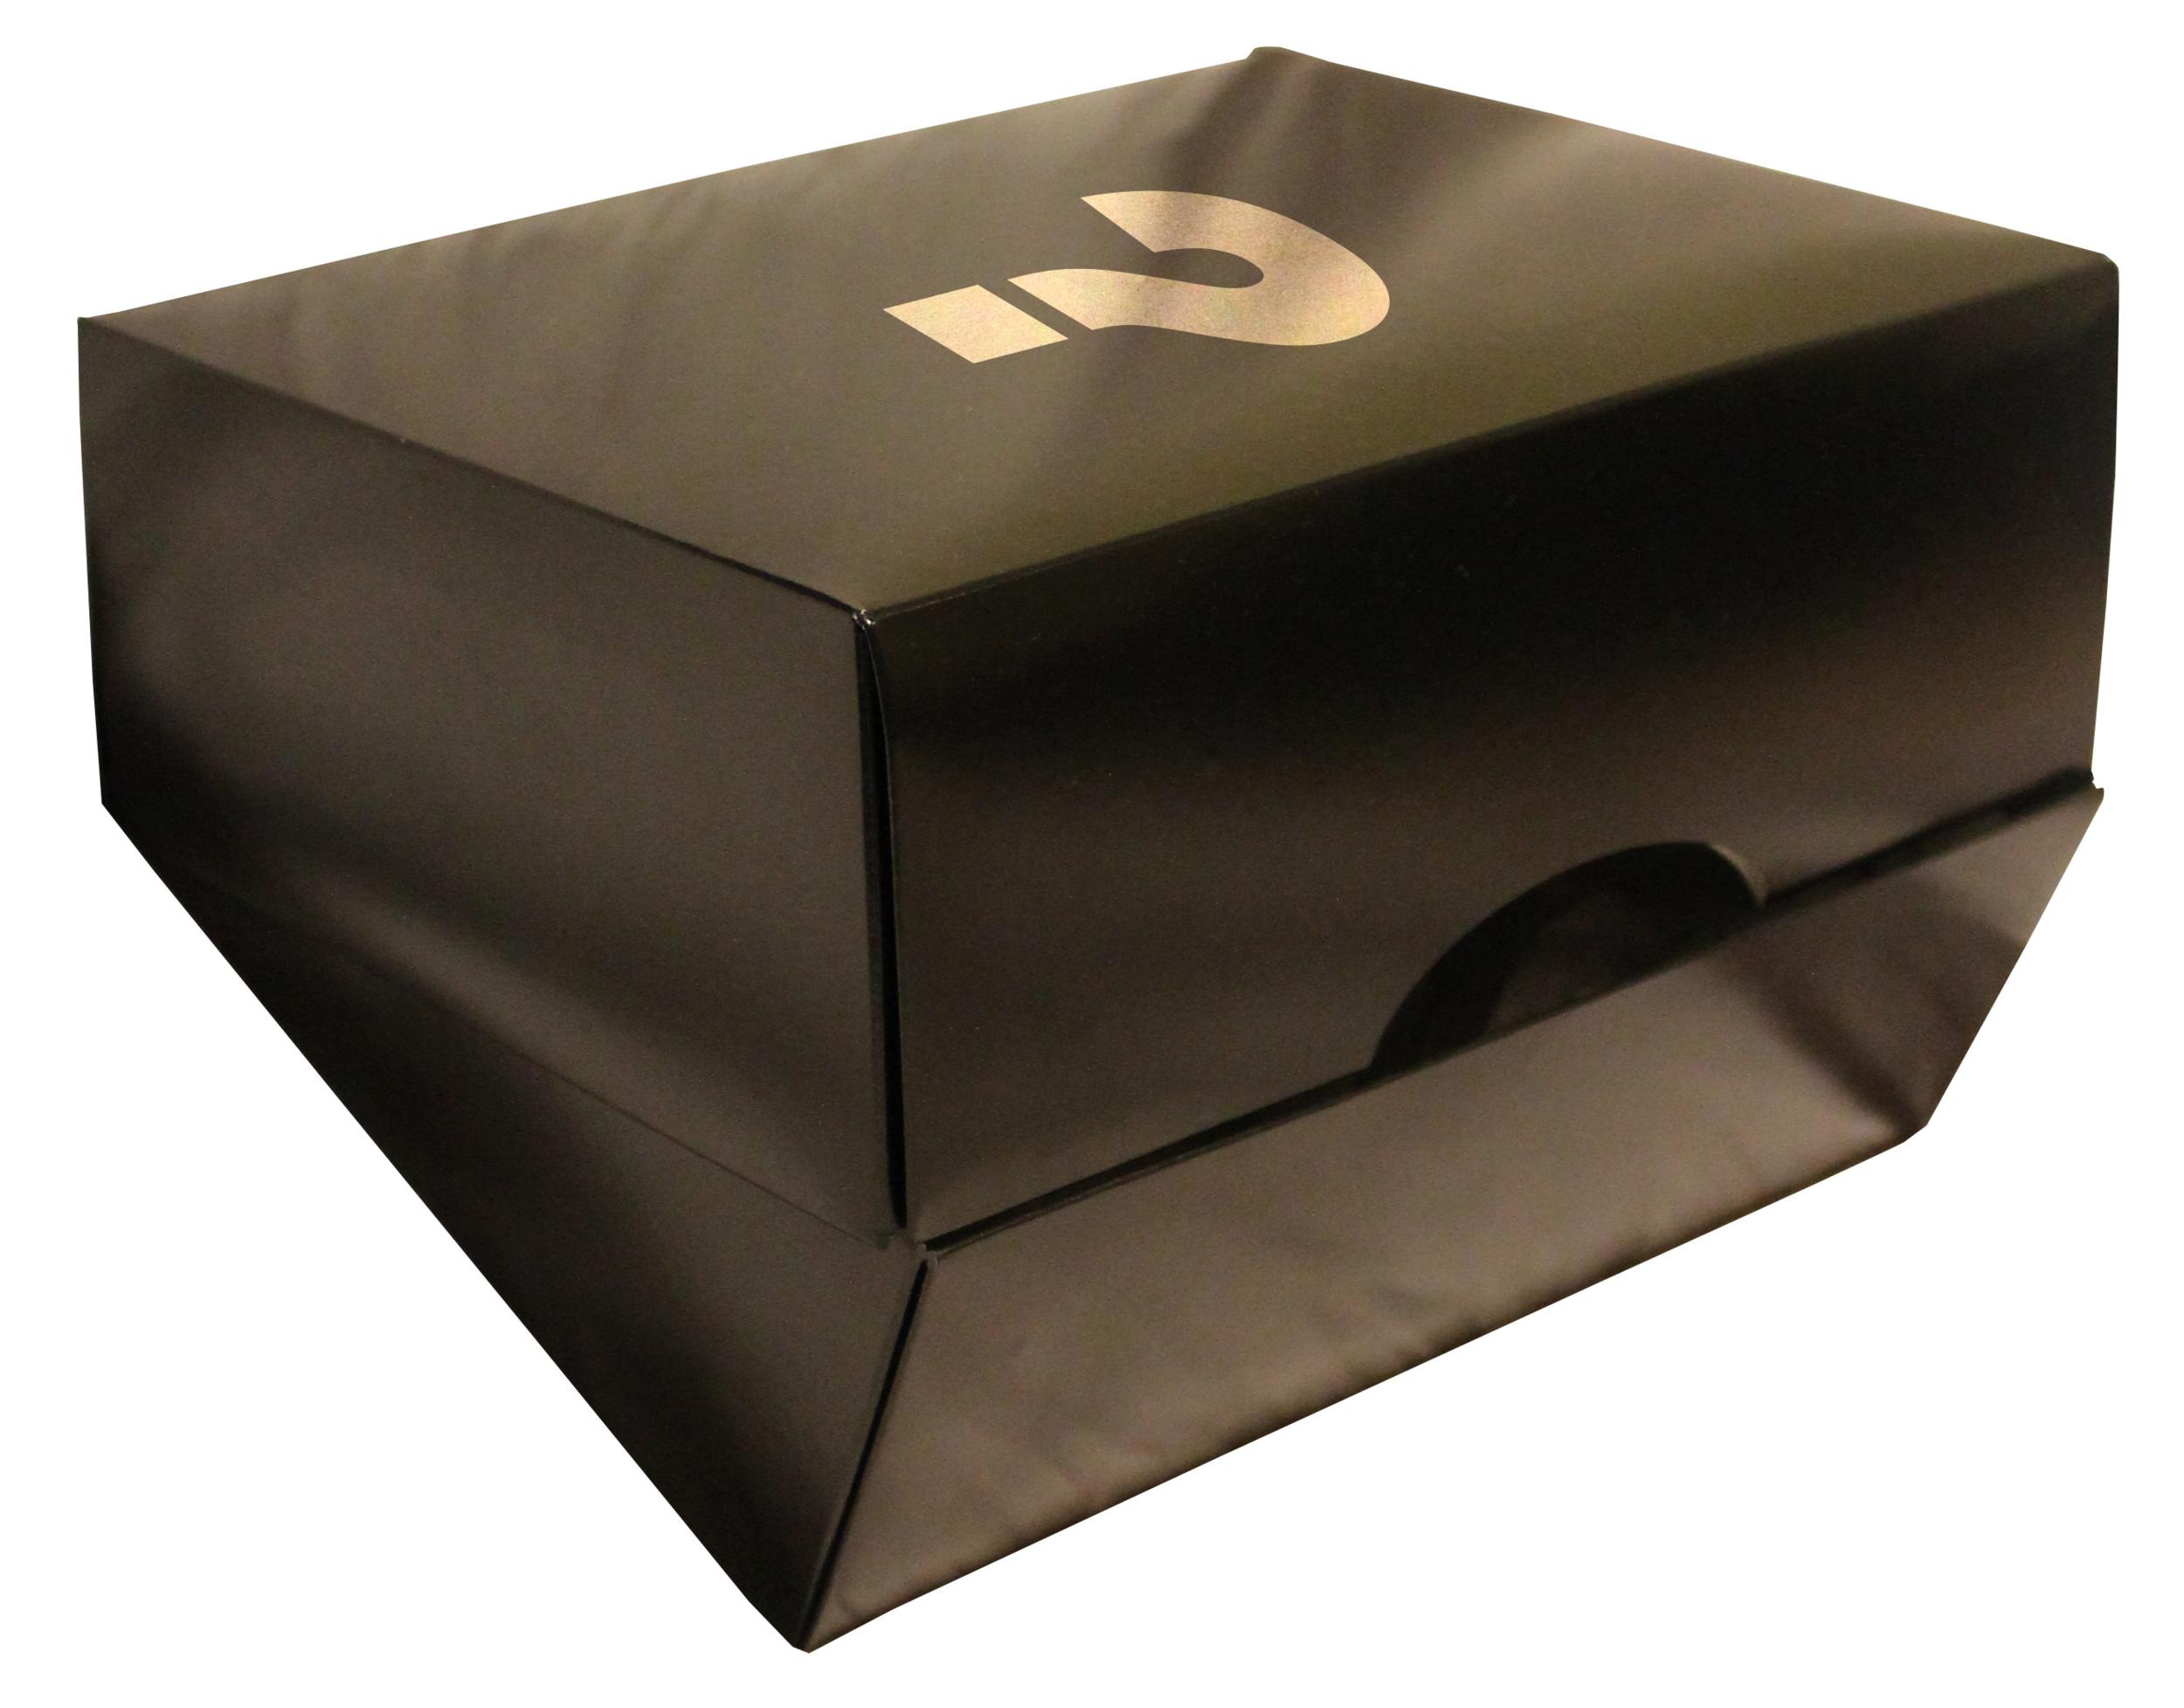 Boite Cadeau Vide Pas Cher : boite cadeau vide ~ Teatrodelosmanantiales.com Idées de Décoration